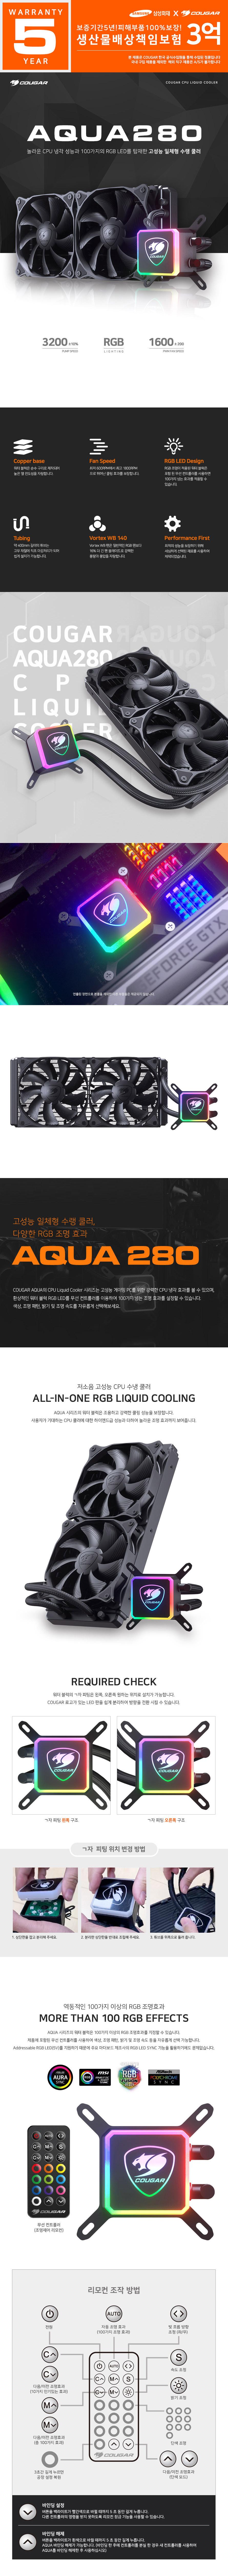 AQUA-280_1.jpg